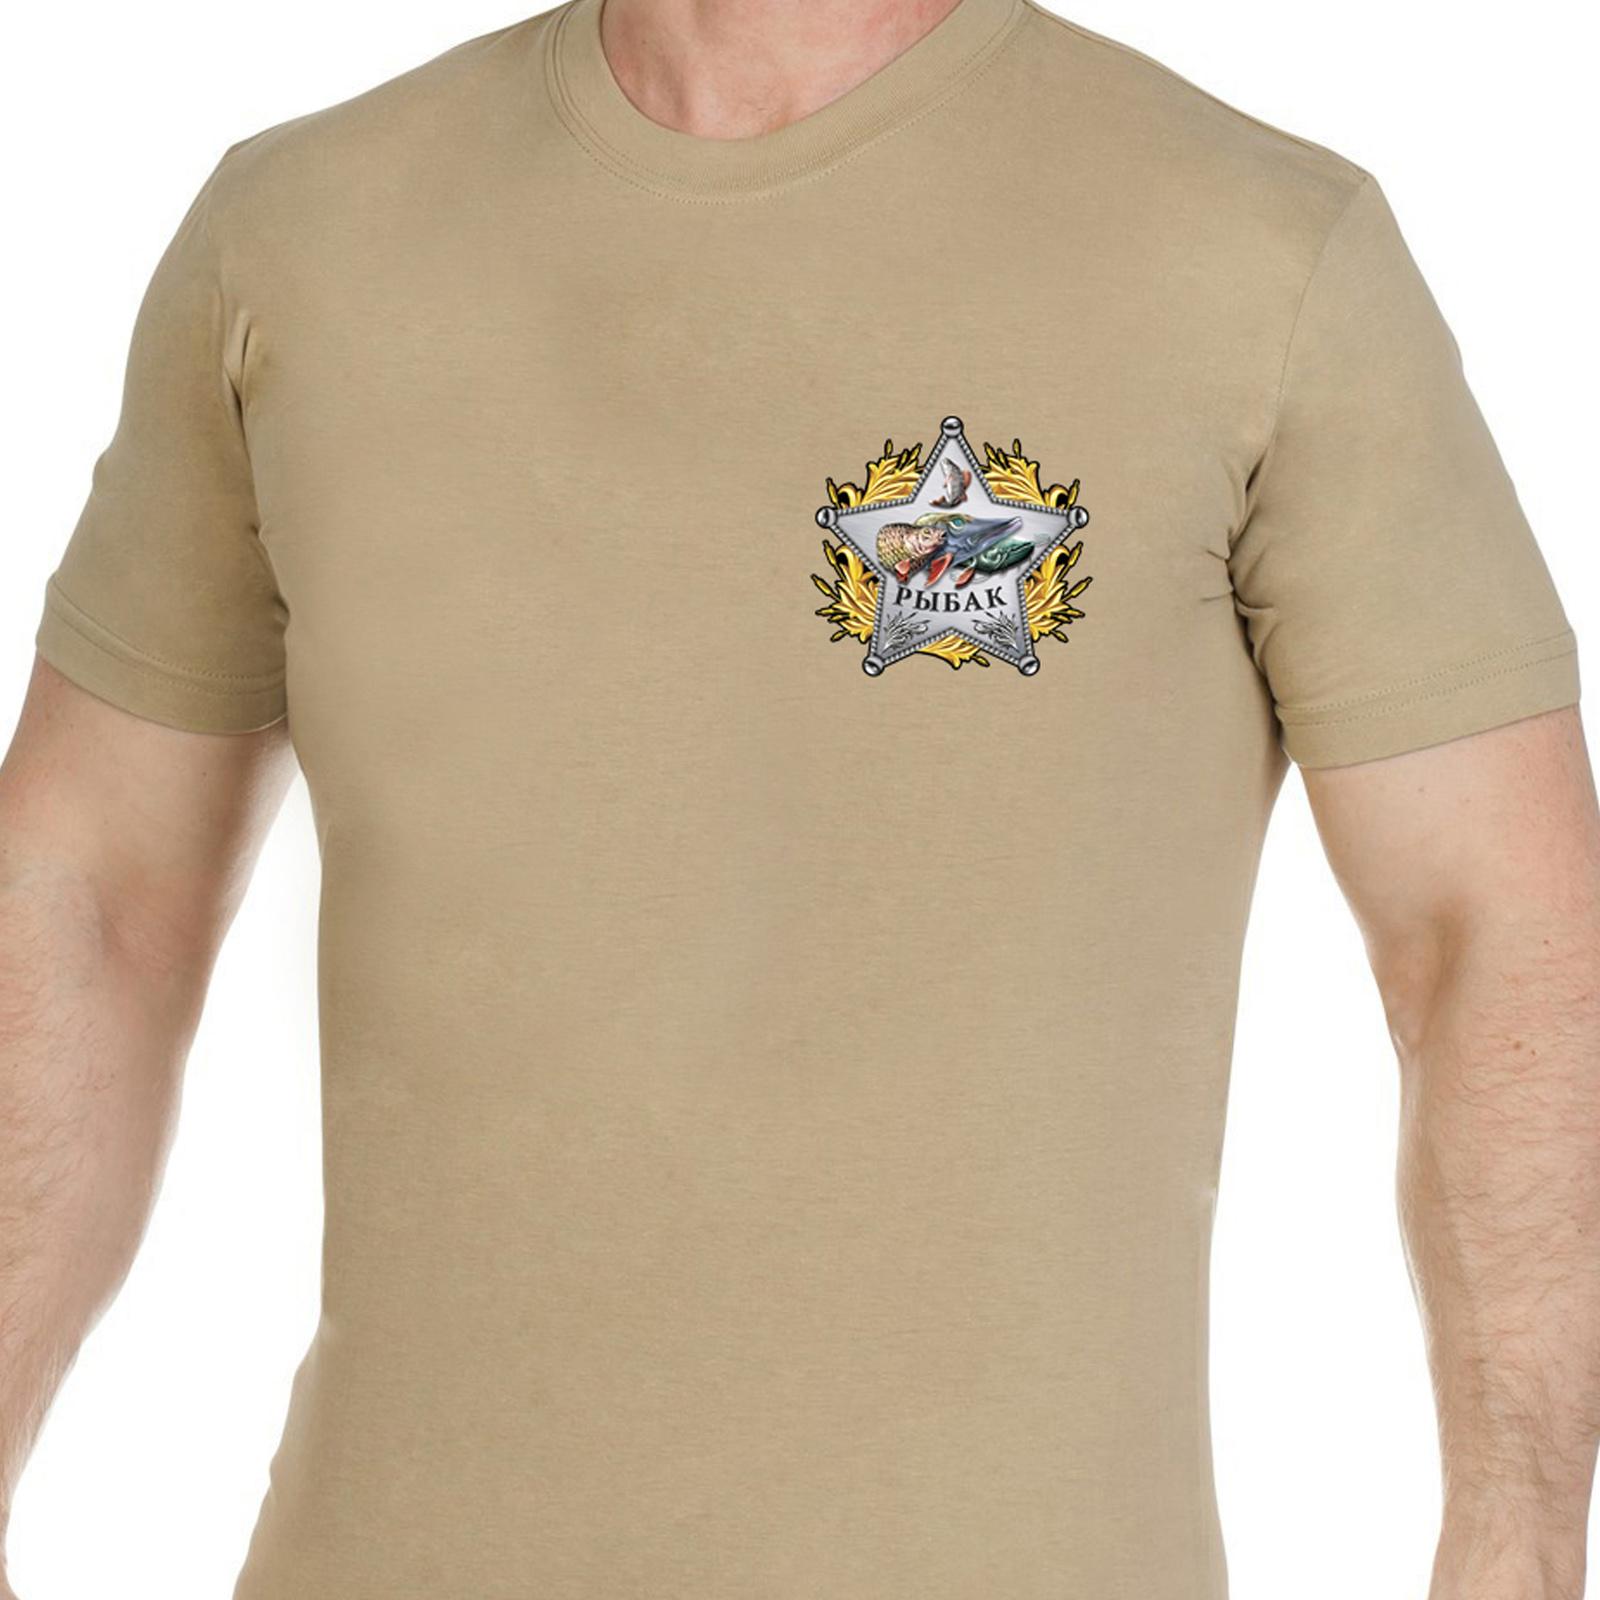 Купить мужскую хлопковую футболку со звездой рыбака